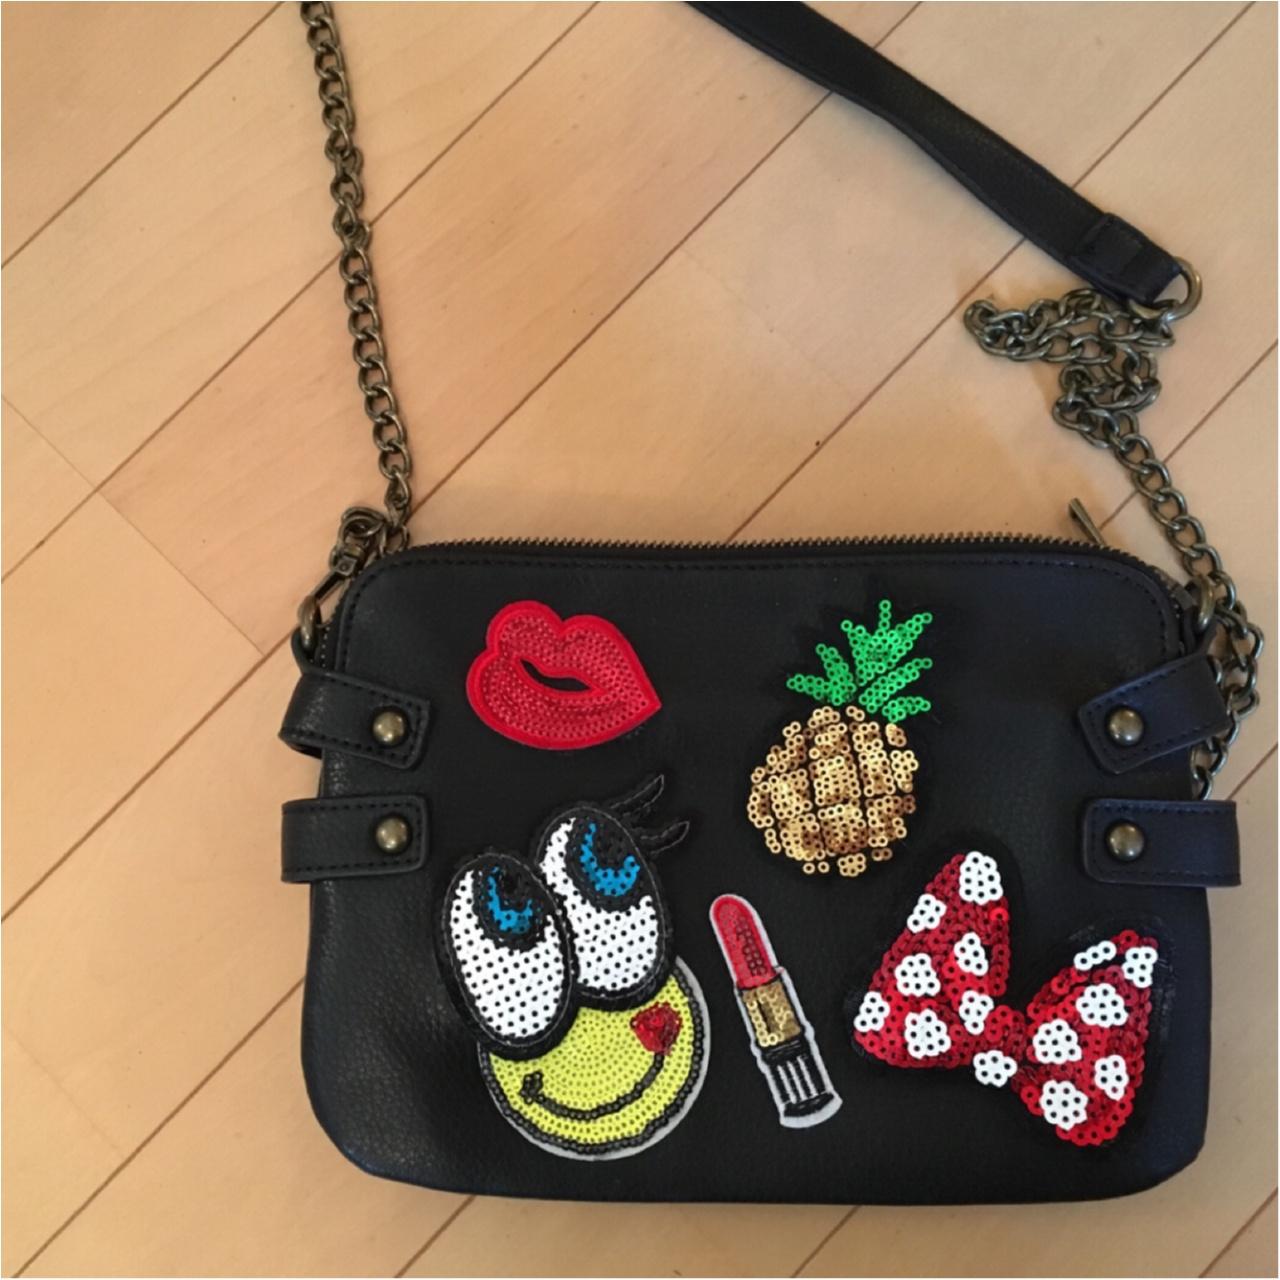 【bag▶︎forever21】自分だけのショルダーバッグを安く簡単に可愛く作っちゃいました☺︎_3